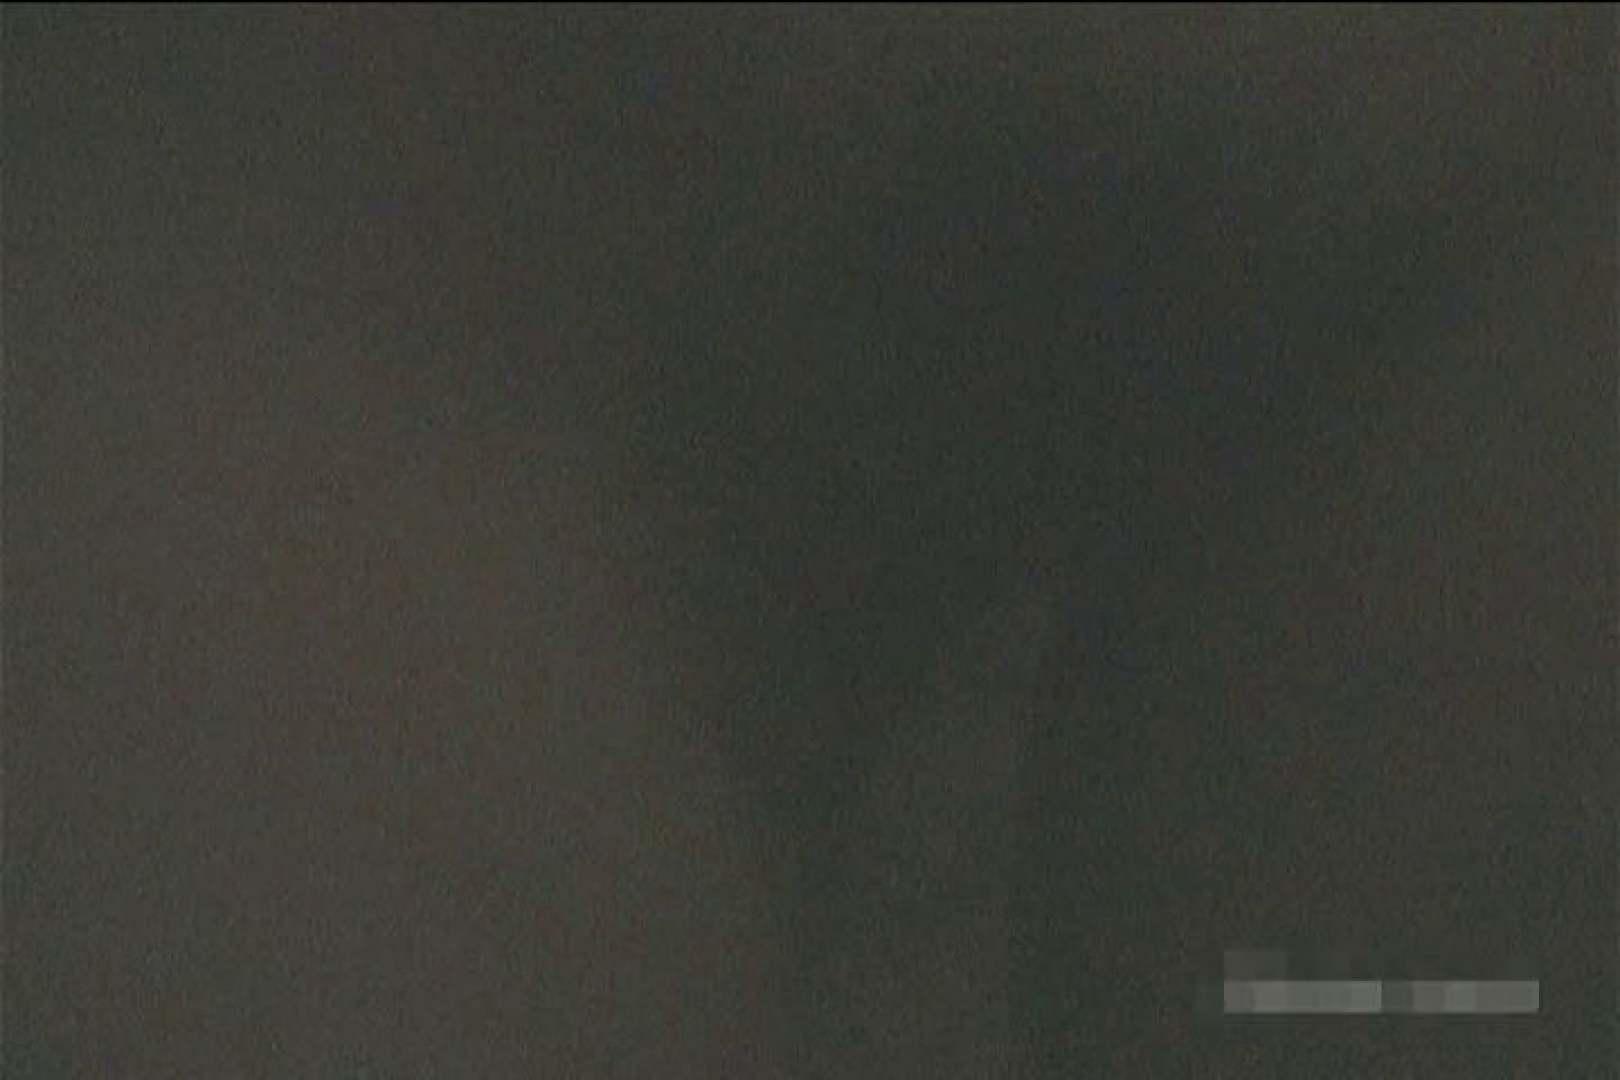 全裸で発情!!家族風呂の実態Vol.1 カップル ヌード画像 108連発 92